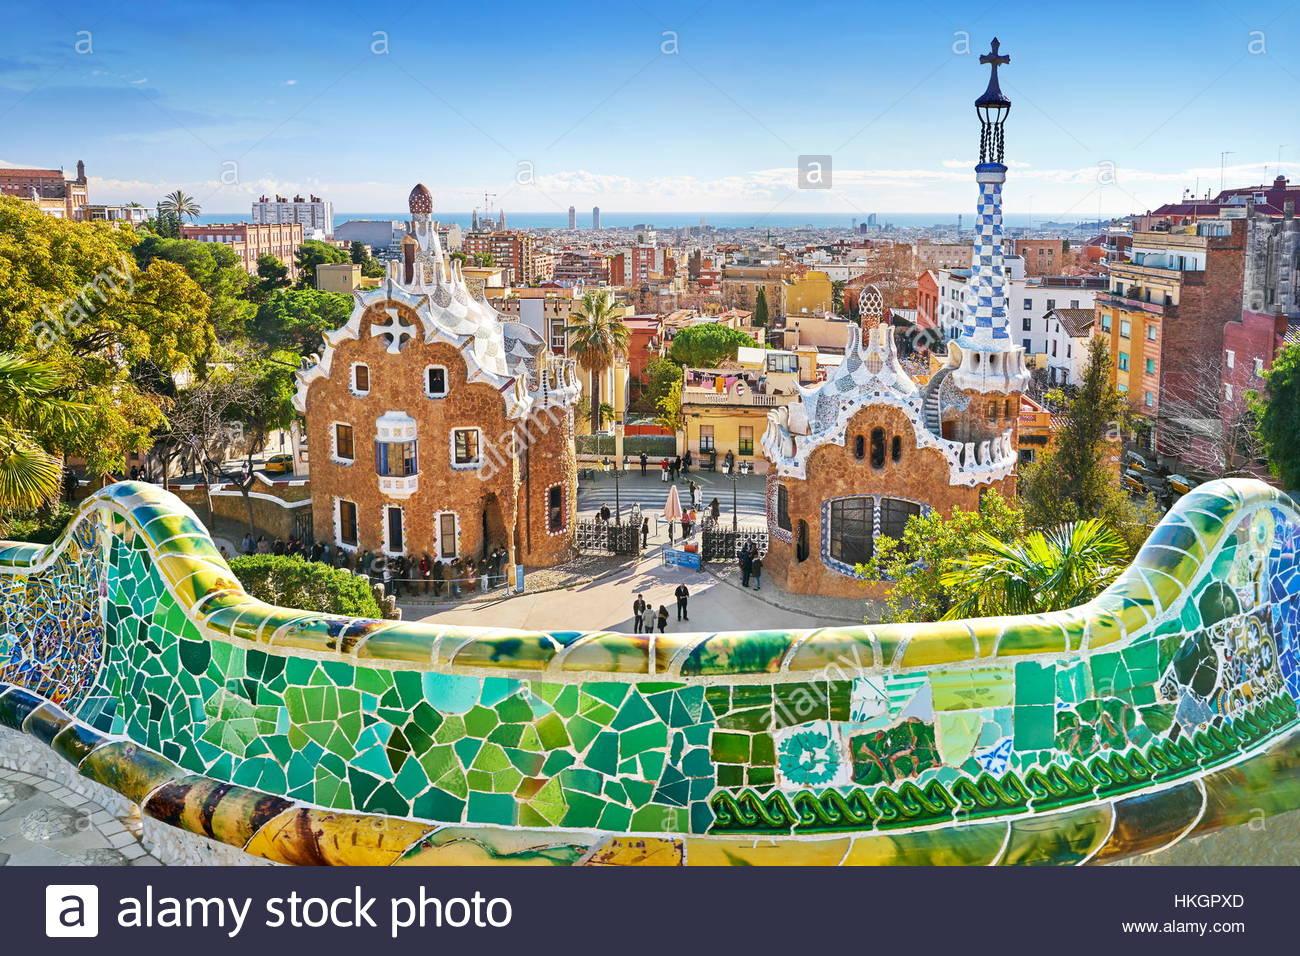 Barcellona - Parco Guell di Antoni Gaudi, Catalogna, Spagna Immagini Stock